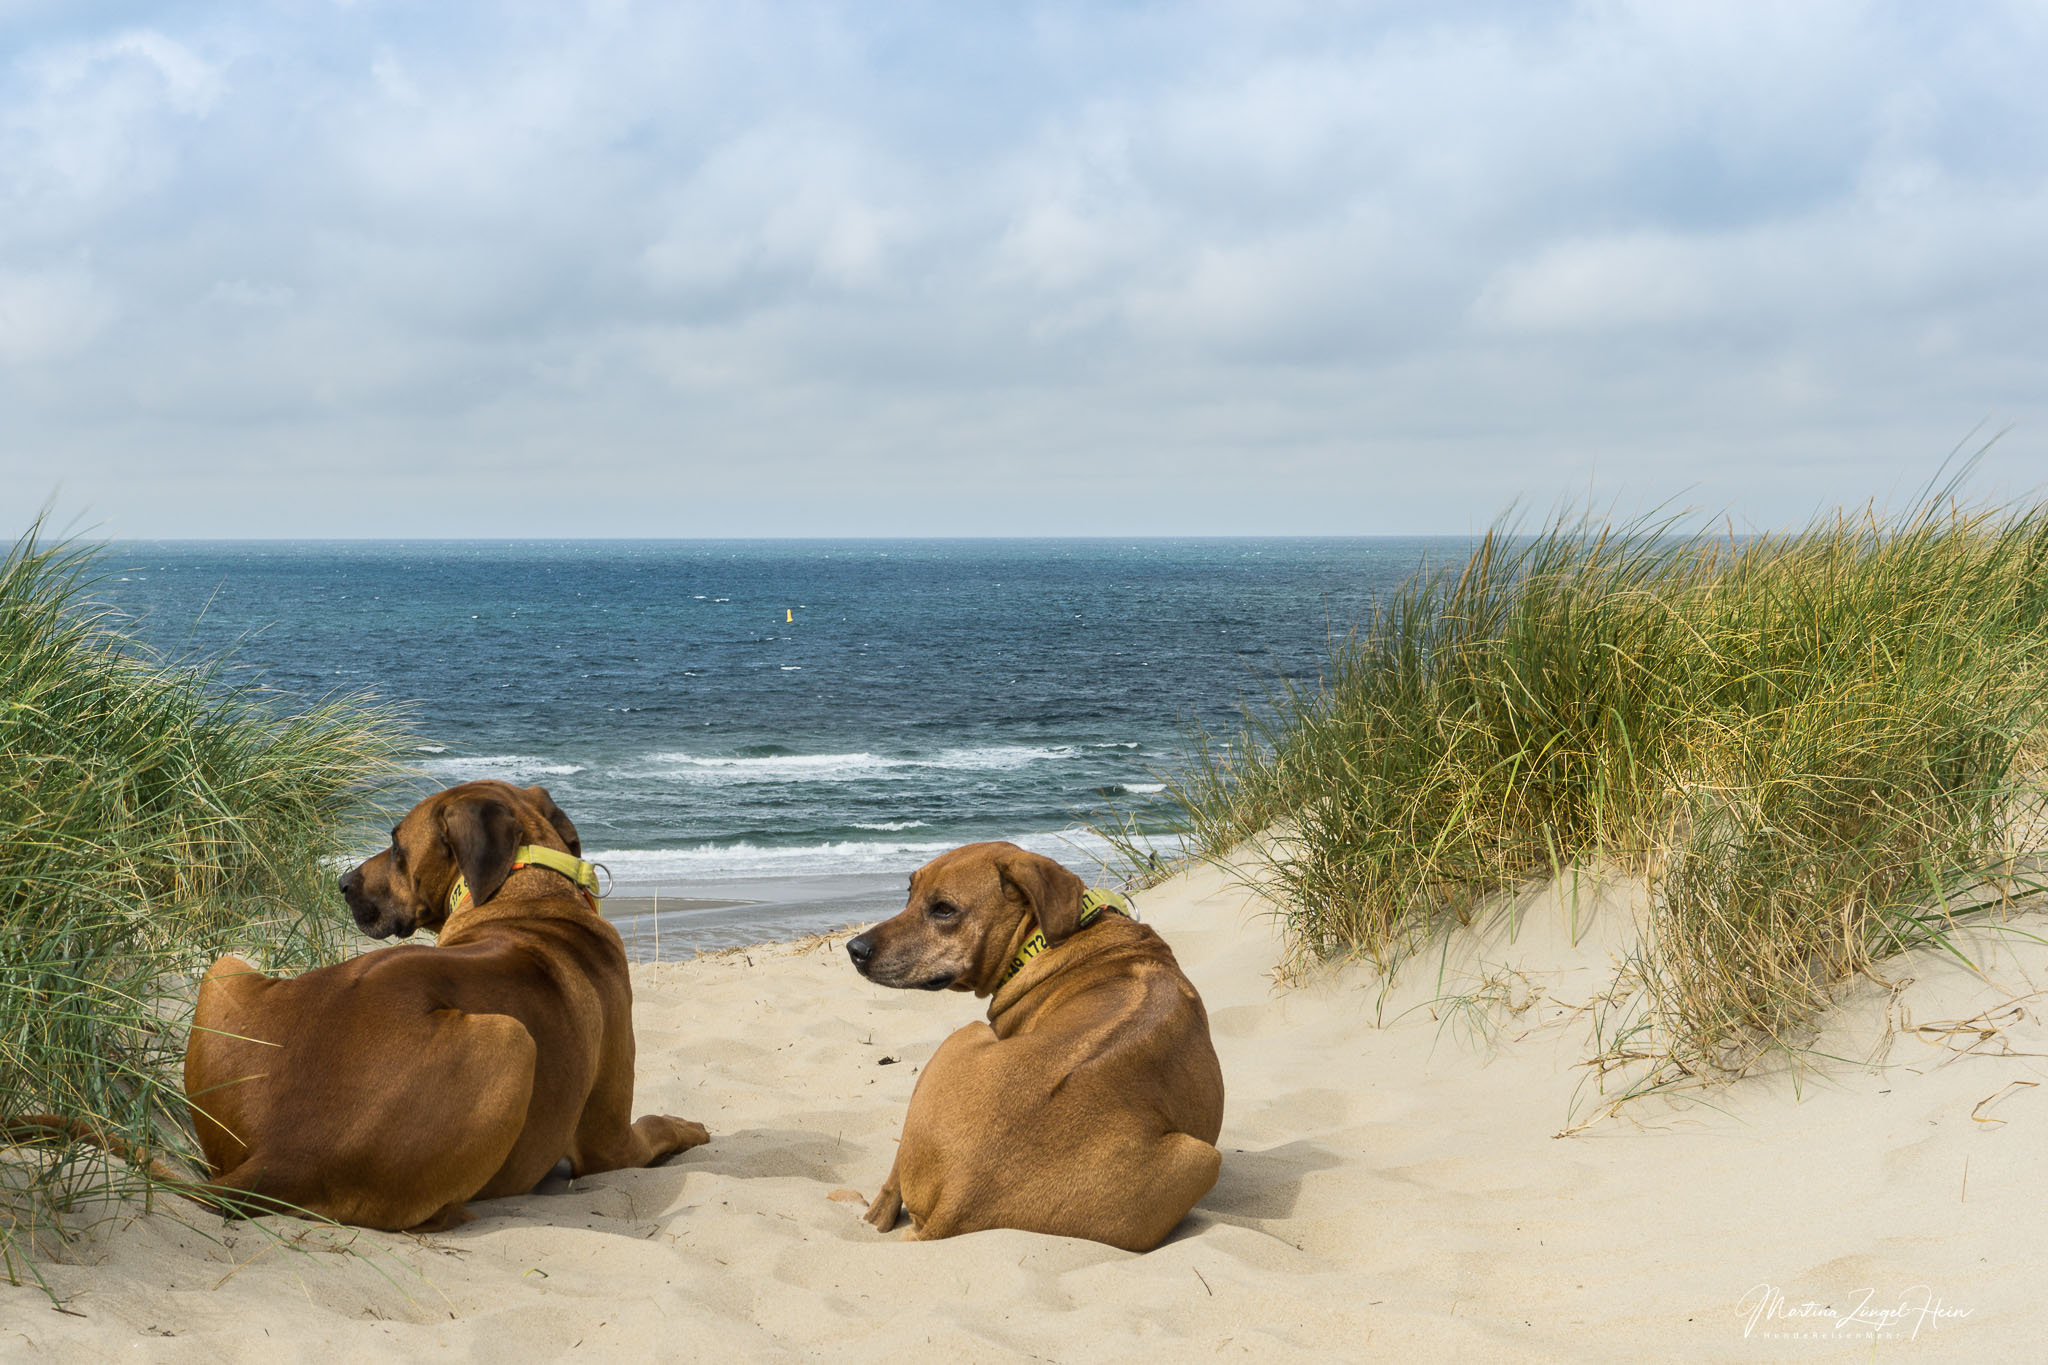 Praktische Tipps für einen entspannten Urlaub auf Texel